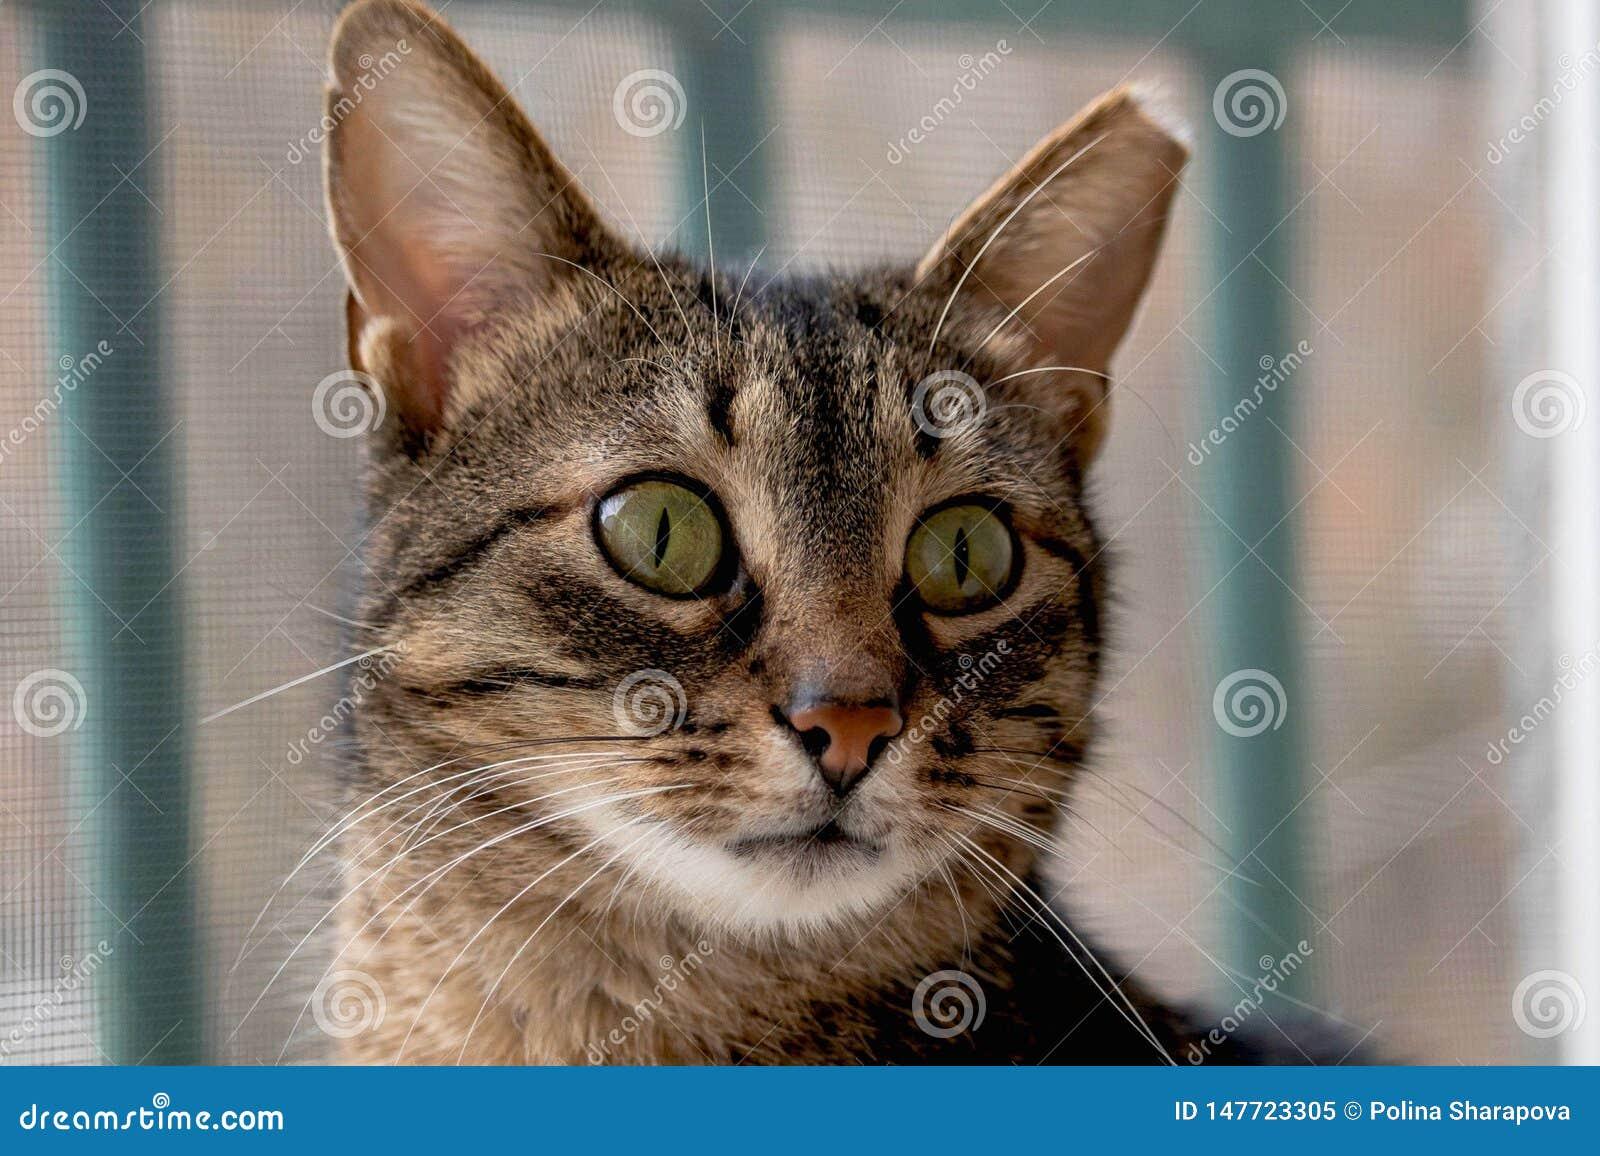 Chiuda sul gatto solo con i grandi occhi verdi, basette spesse